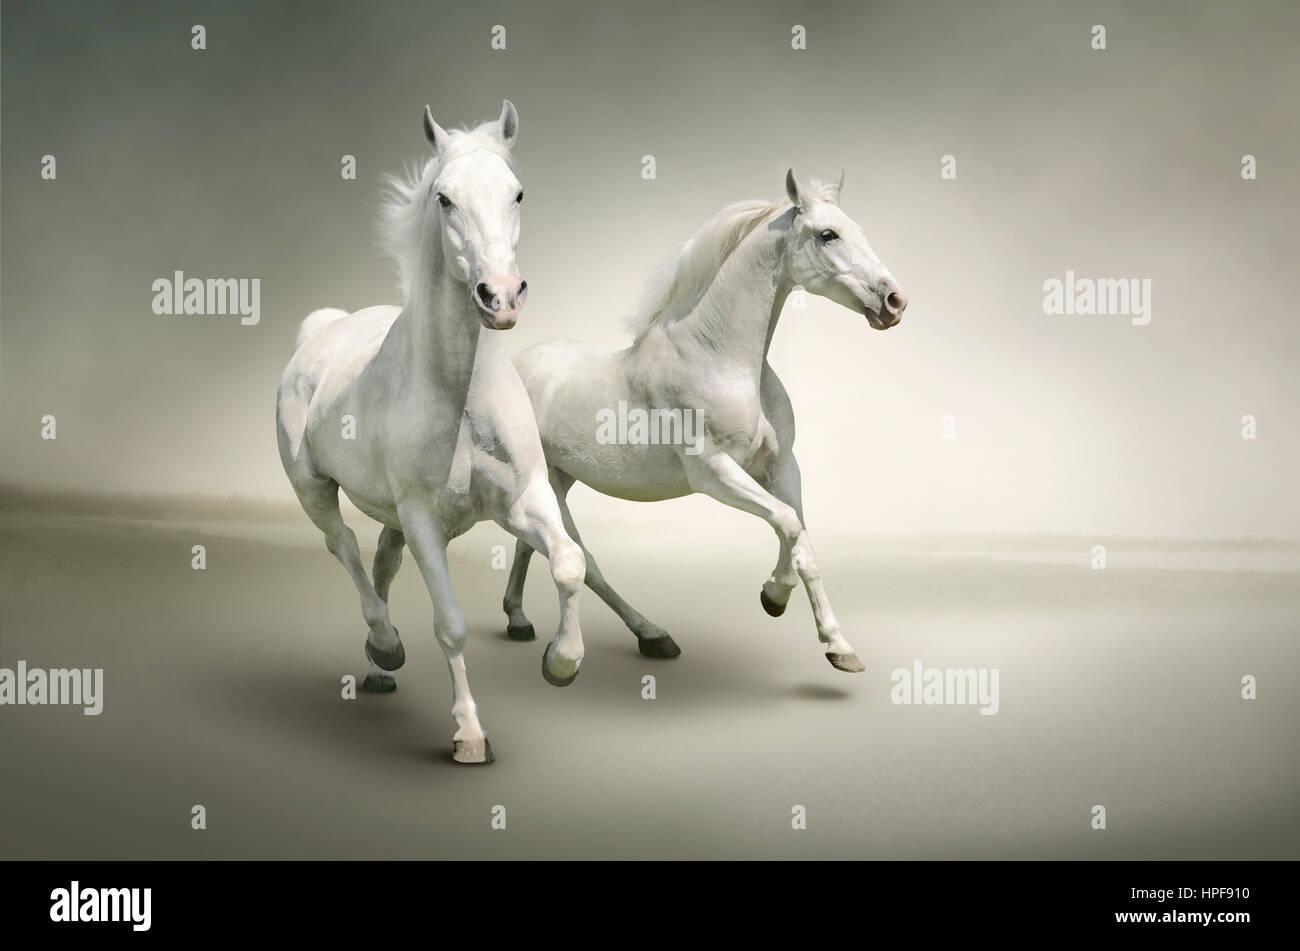 Lieblings Weiße Pferde auf stilvollen Hintergrund isoliert. Bild eignet sich &HU_18